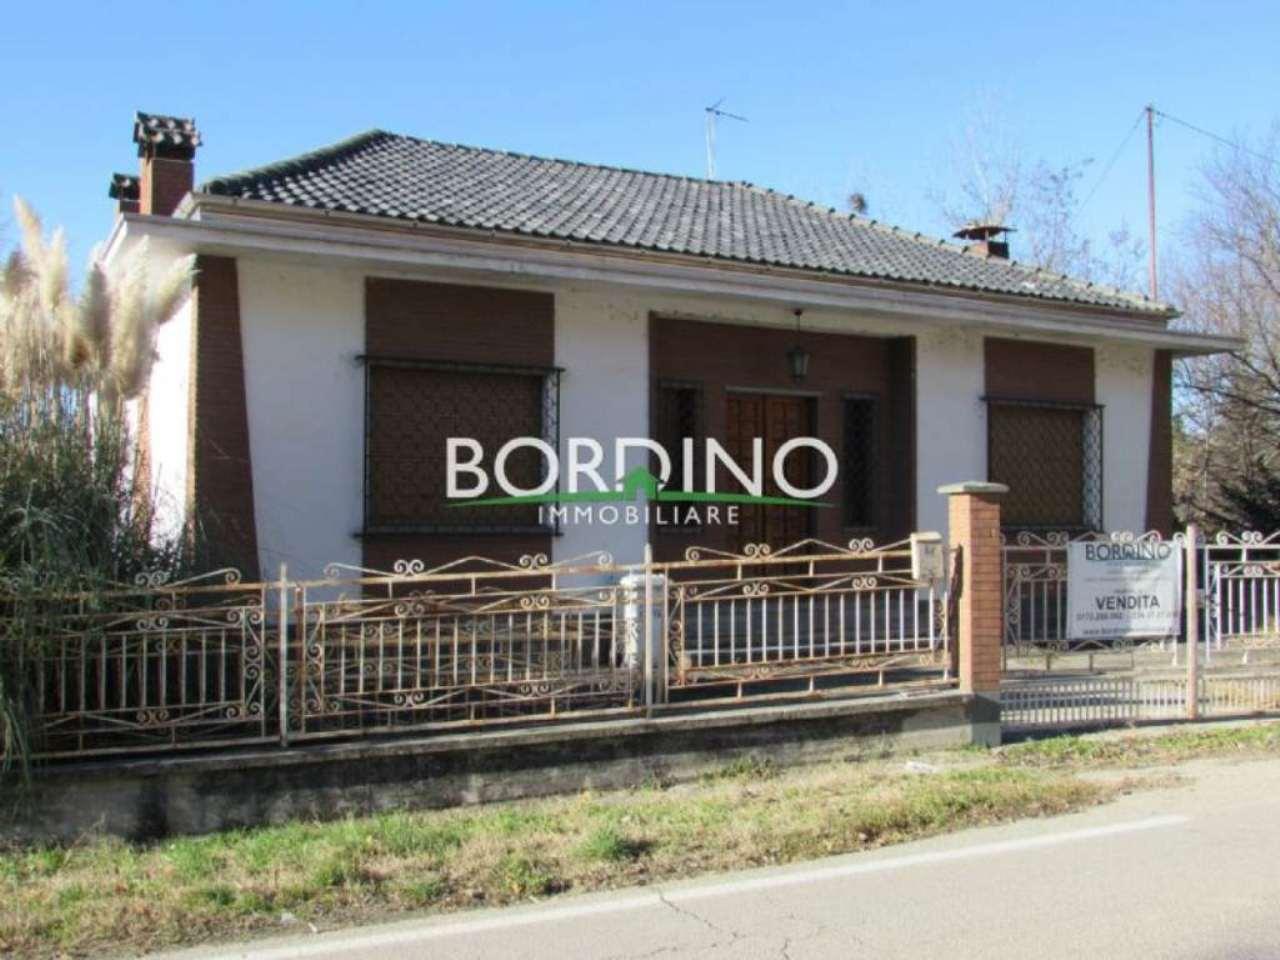 Soluzione Indipendente in vendita a Govone, 6 locali, prezzo € 110.000 | Cambio Casa.it